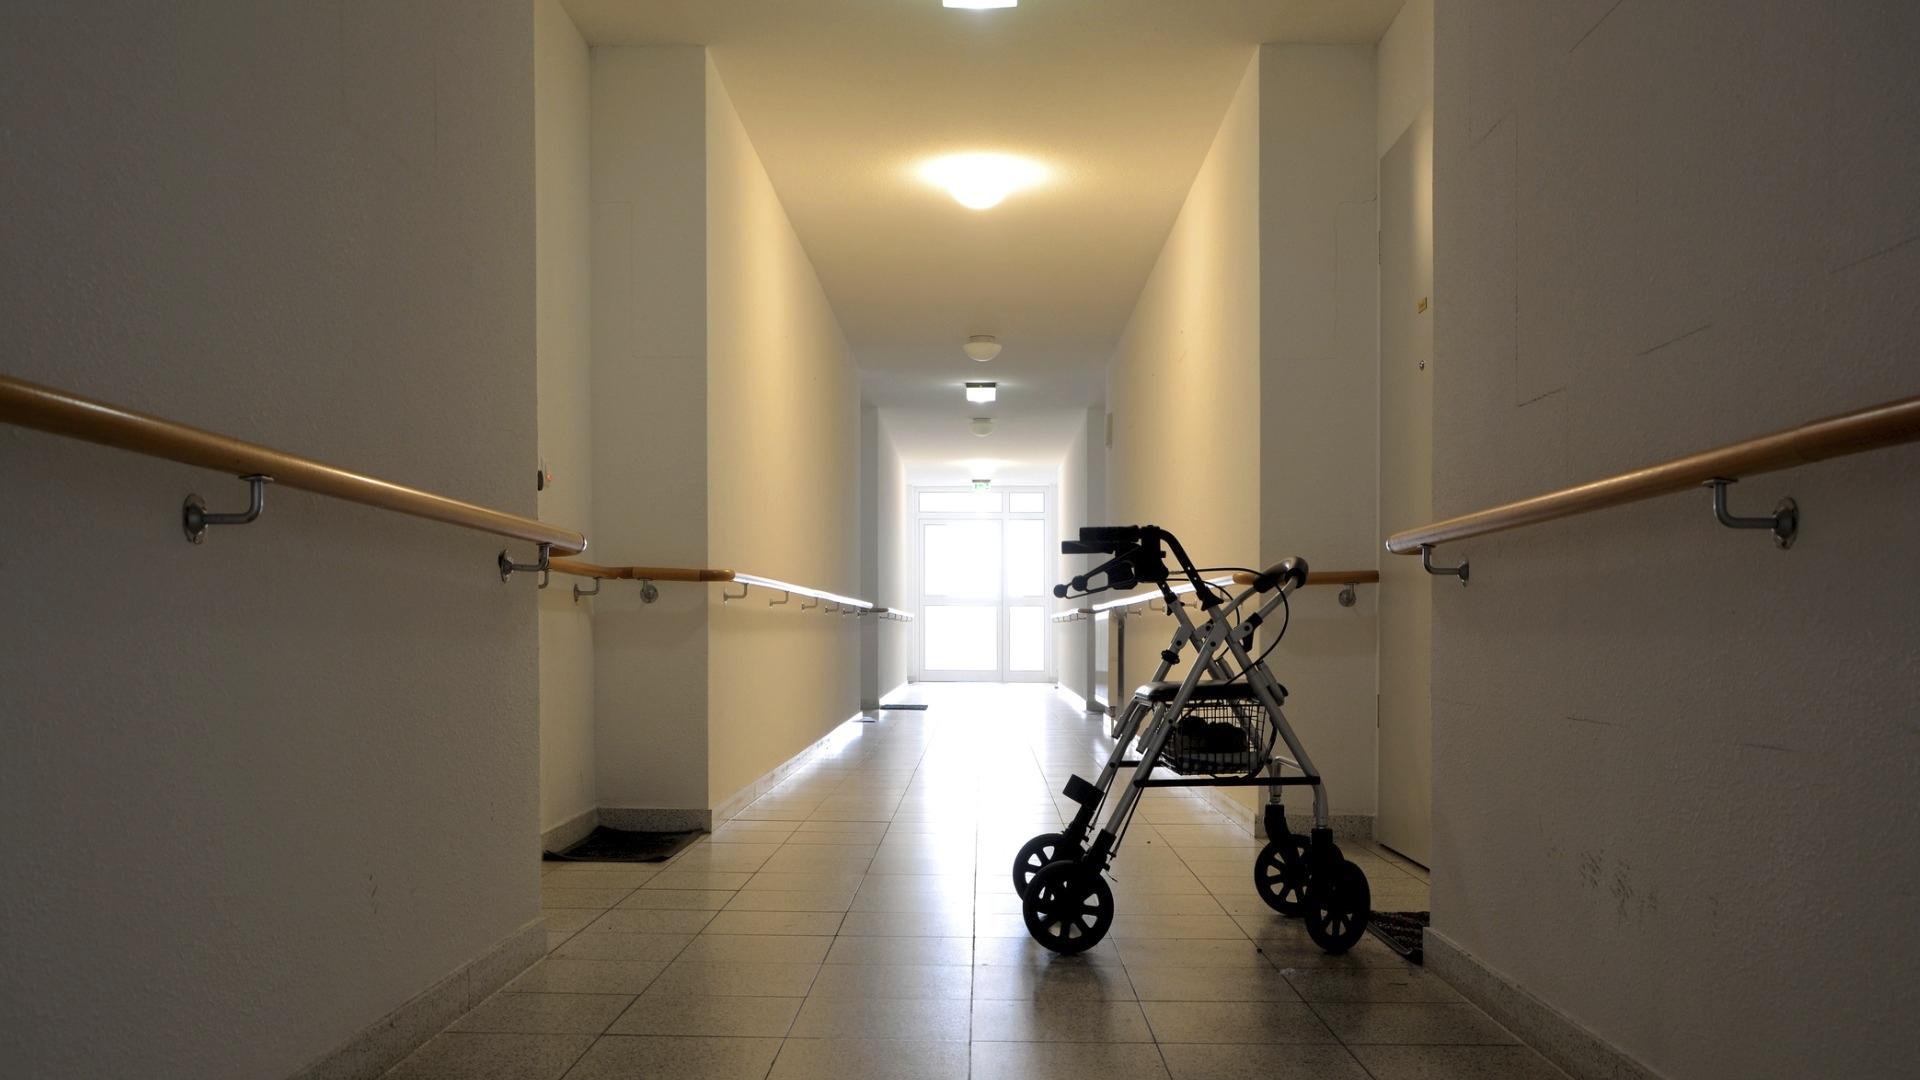 Ympärivuorokautista hoitoa tarvisevia ohjataan kotihoitoon. Kotihoidossa vanhusten taas on vaikea saada riittäviä palveluita, koska kotihoito on keskittynyt sairaanhoidollisten tarpeiden ympärille.